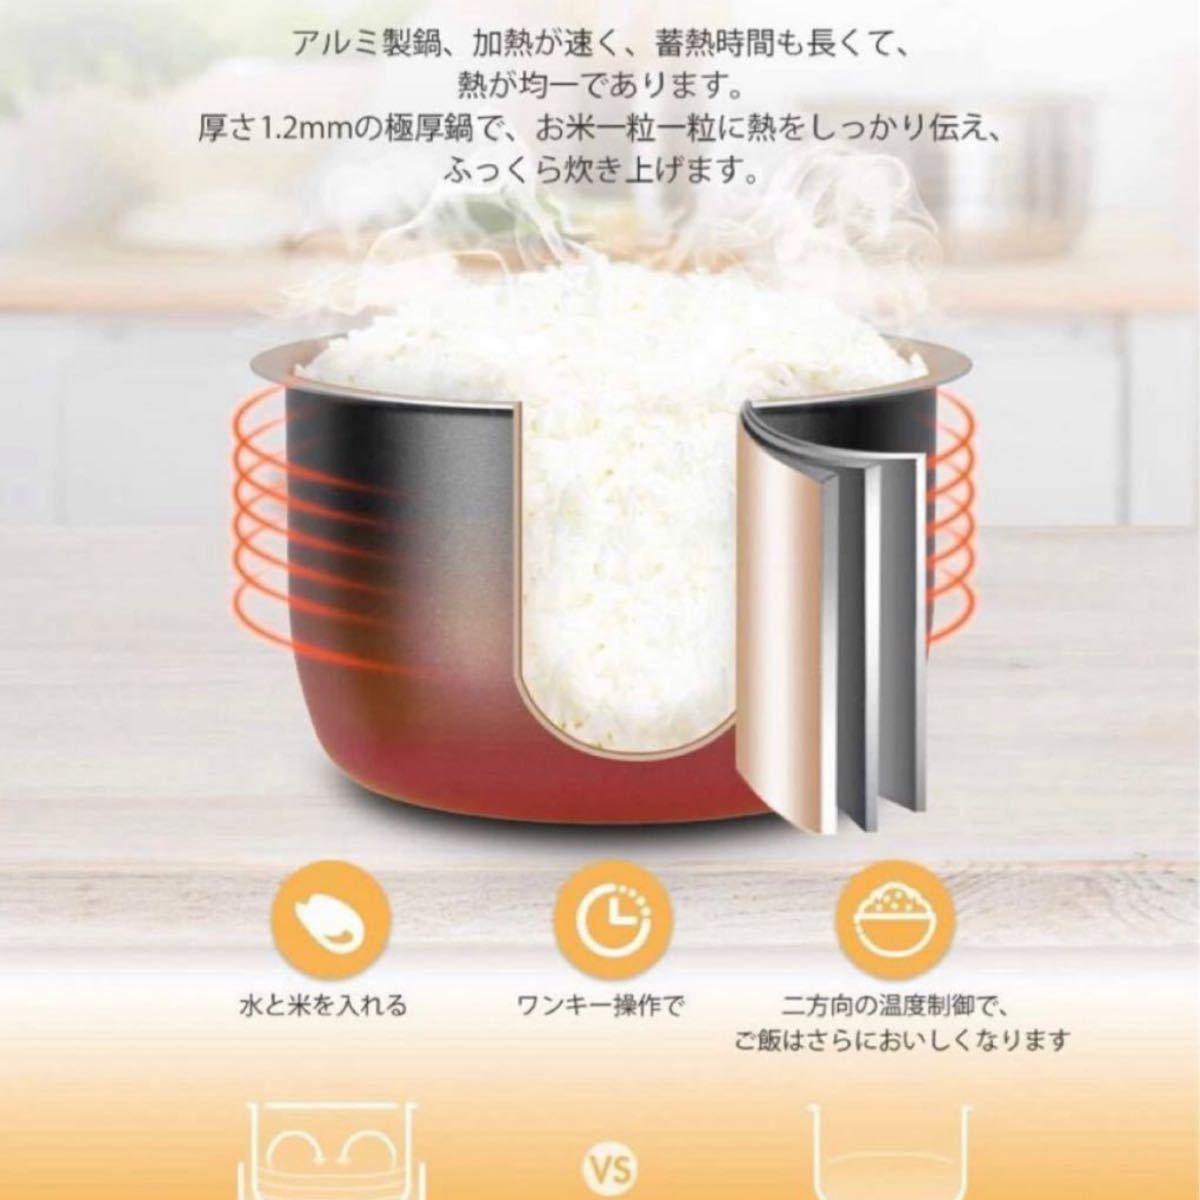 多機能炊飯器 4合 8種類の調理メニュー タッチセンサー式スイッチ 一人暮らし 軽量 家庭用